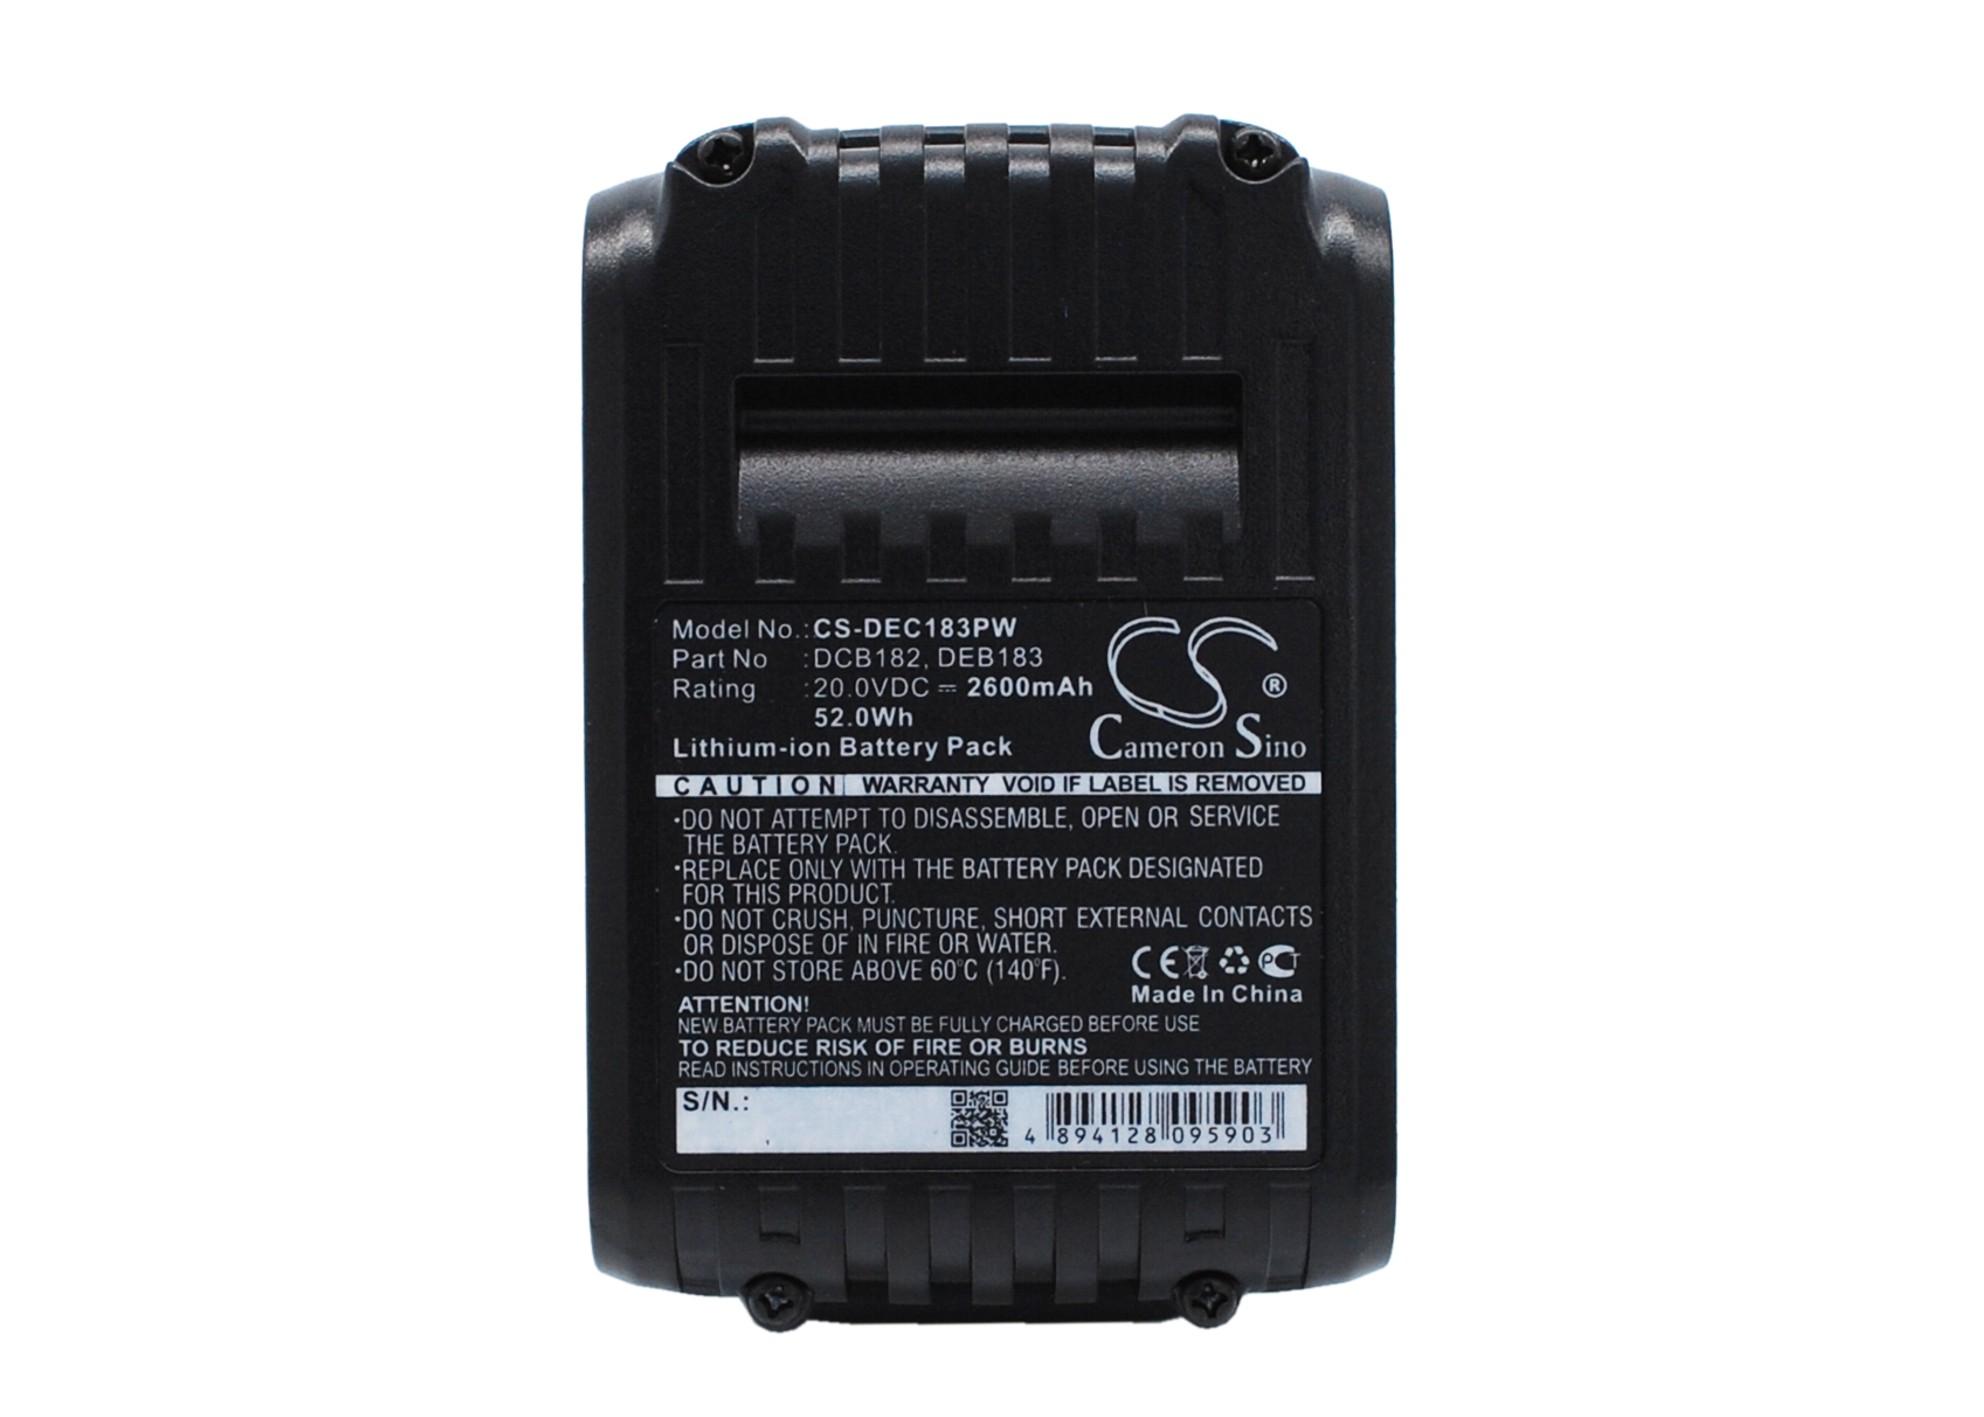 Cameron Sino baterie do nářadí pro DEWALT DCG412 20V Li-ion 2600mAh černá - neoriginální